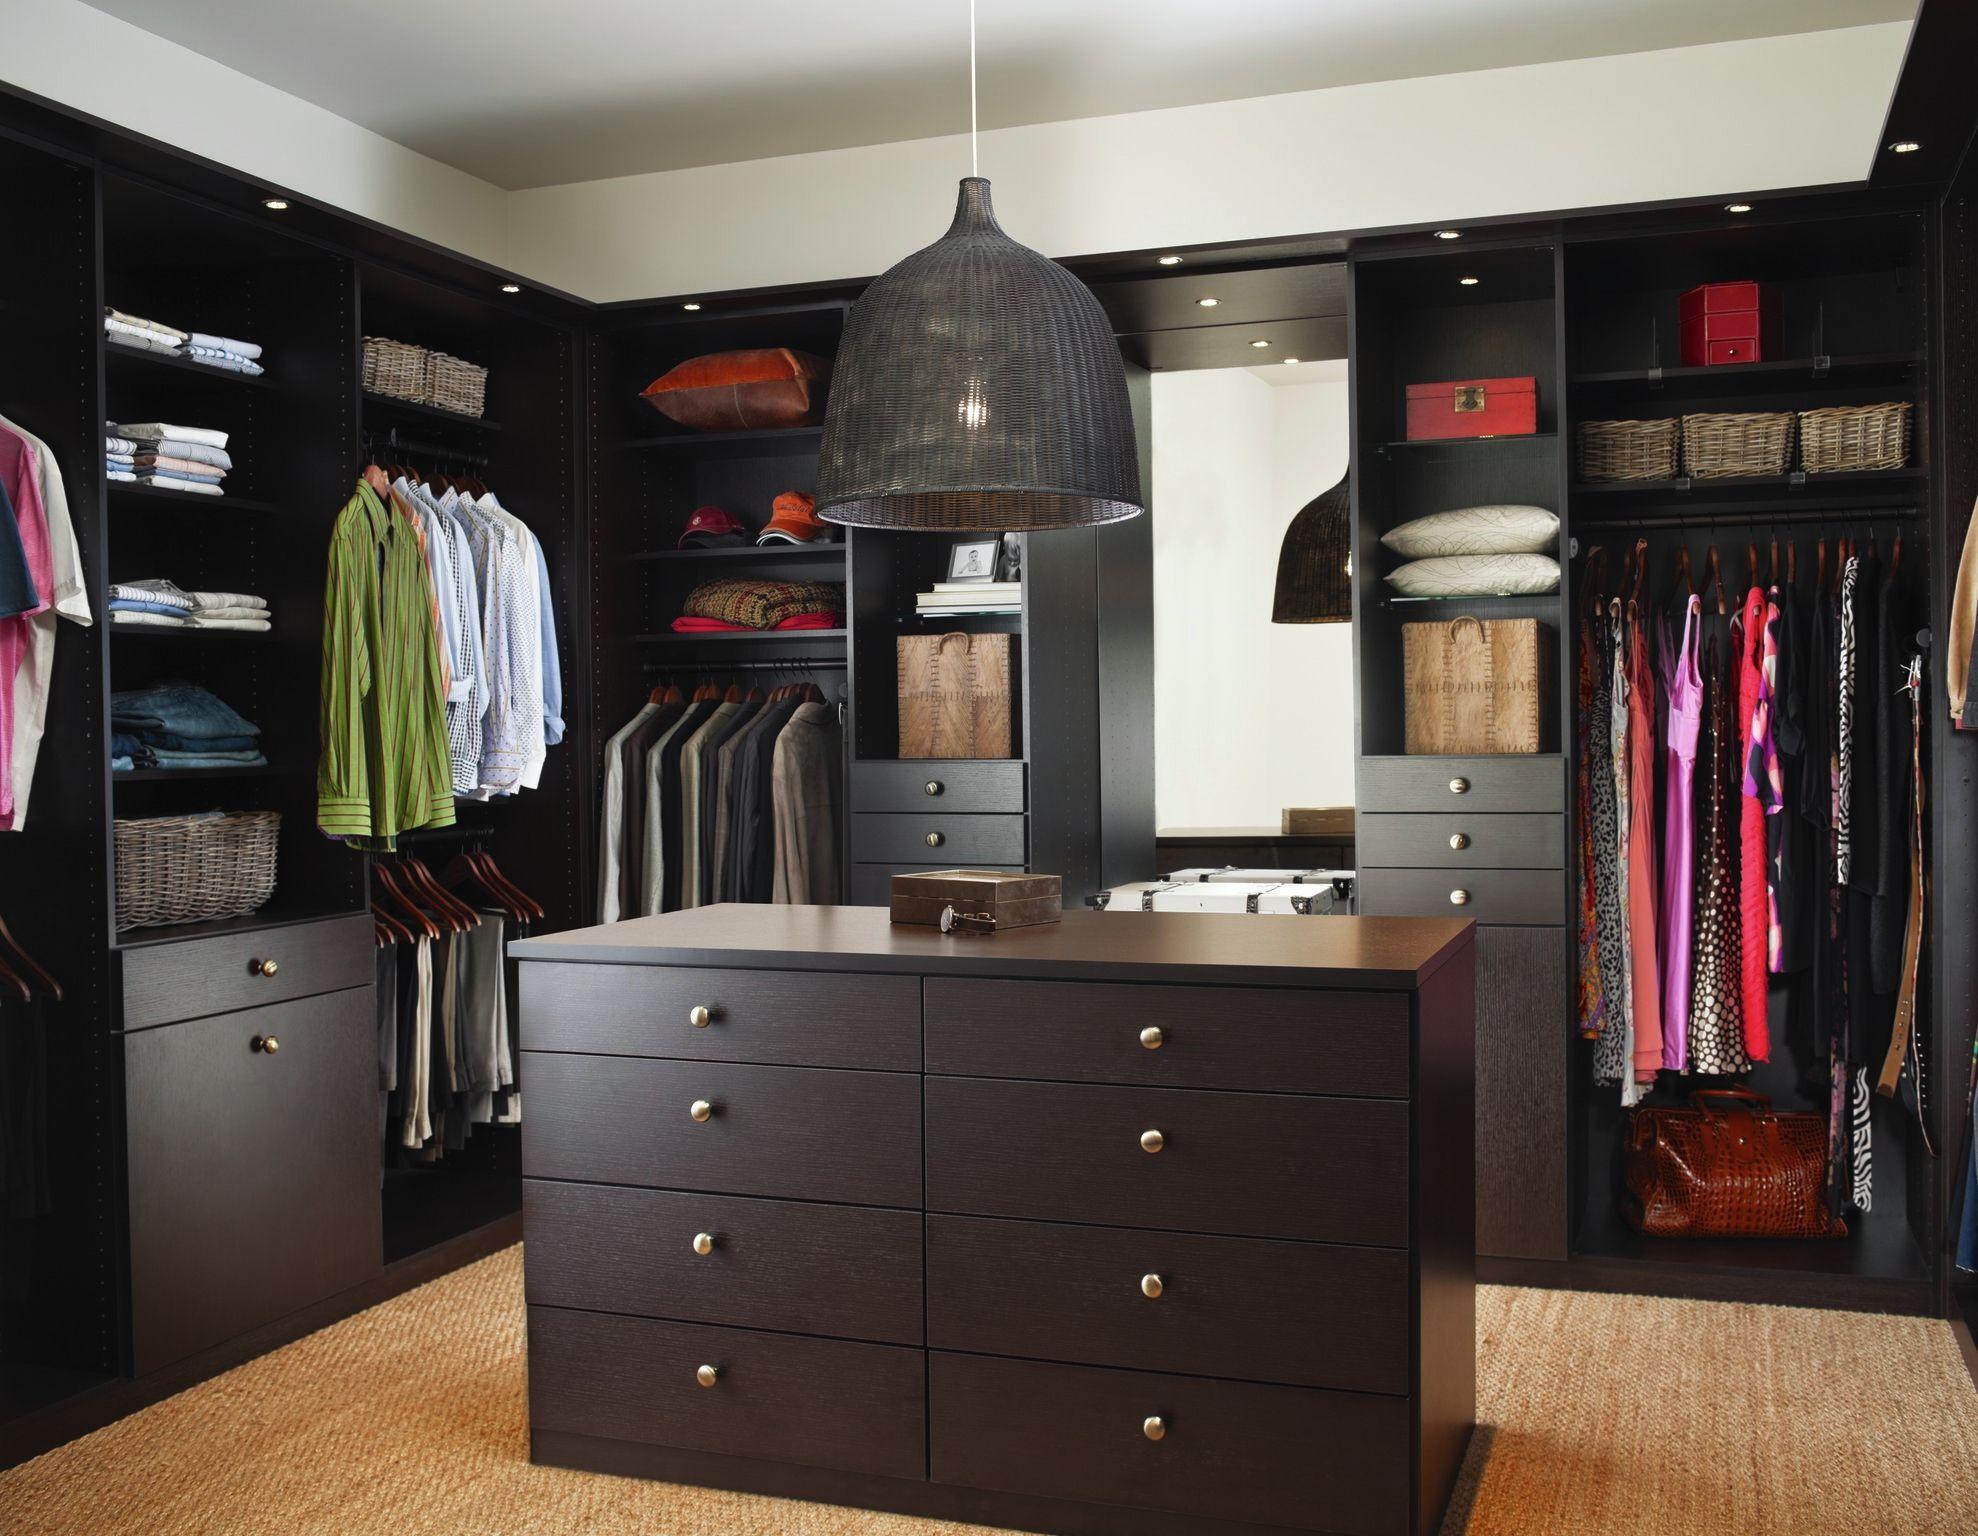 Elegant Walk In Closet   Custom Closets   Pinterest   Dream Closets, Search And  Dreams